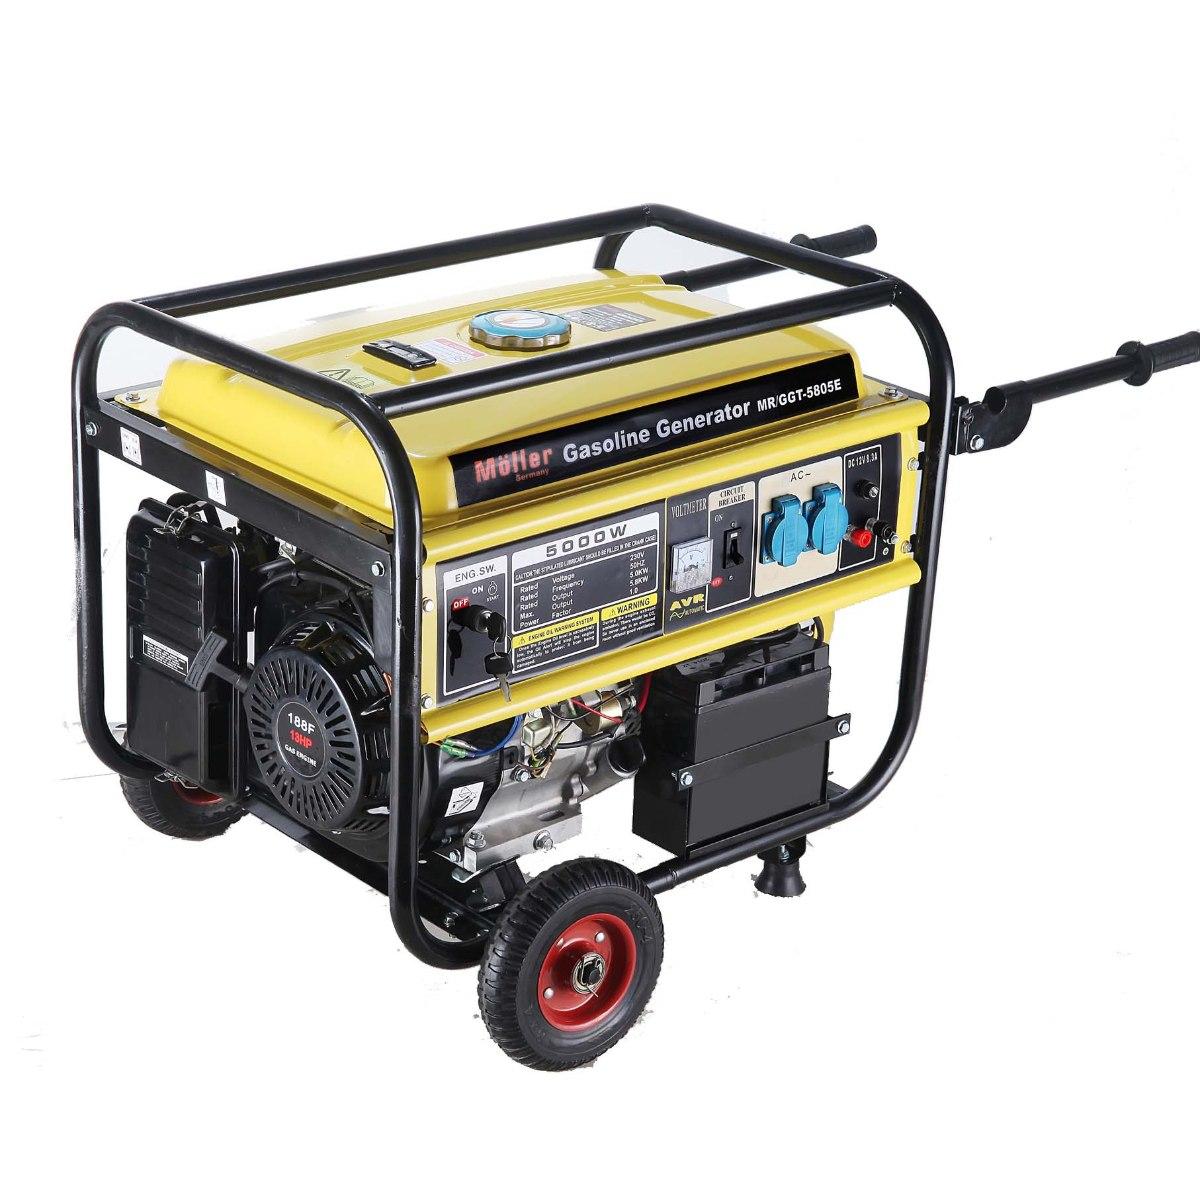 גנרטור מנוע בנזין  5000W התנעה חשמלית חד-פאזי